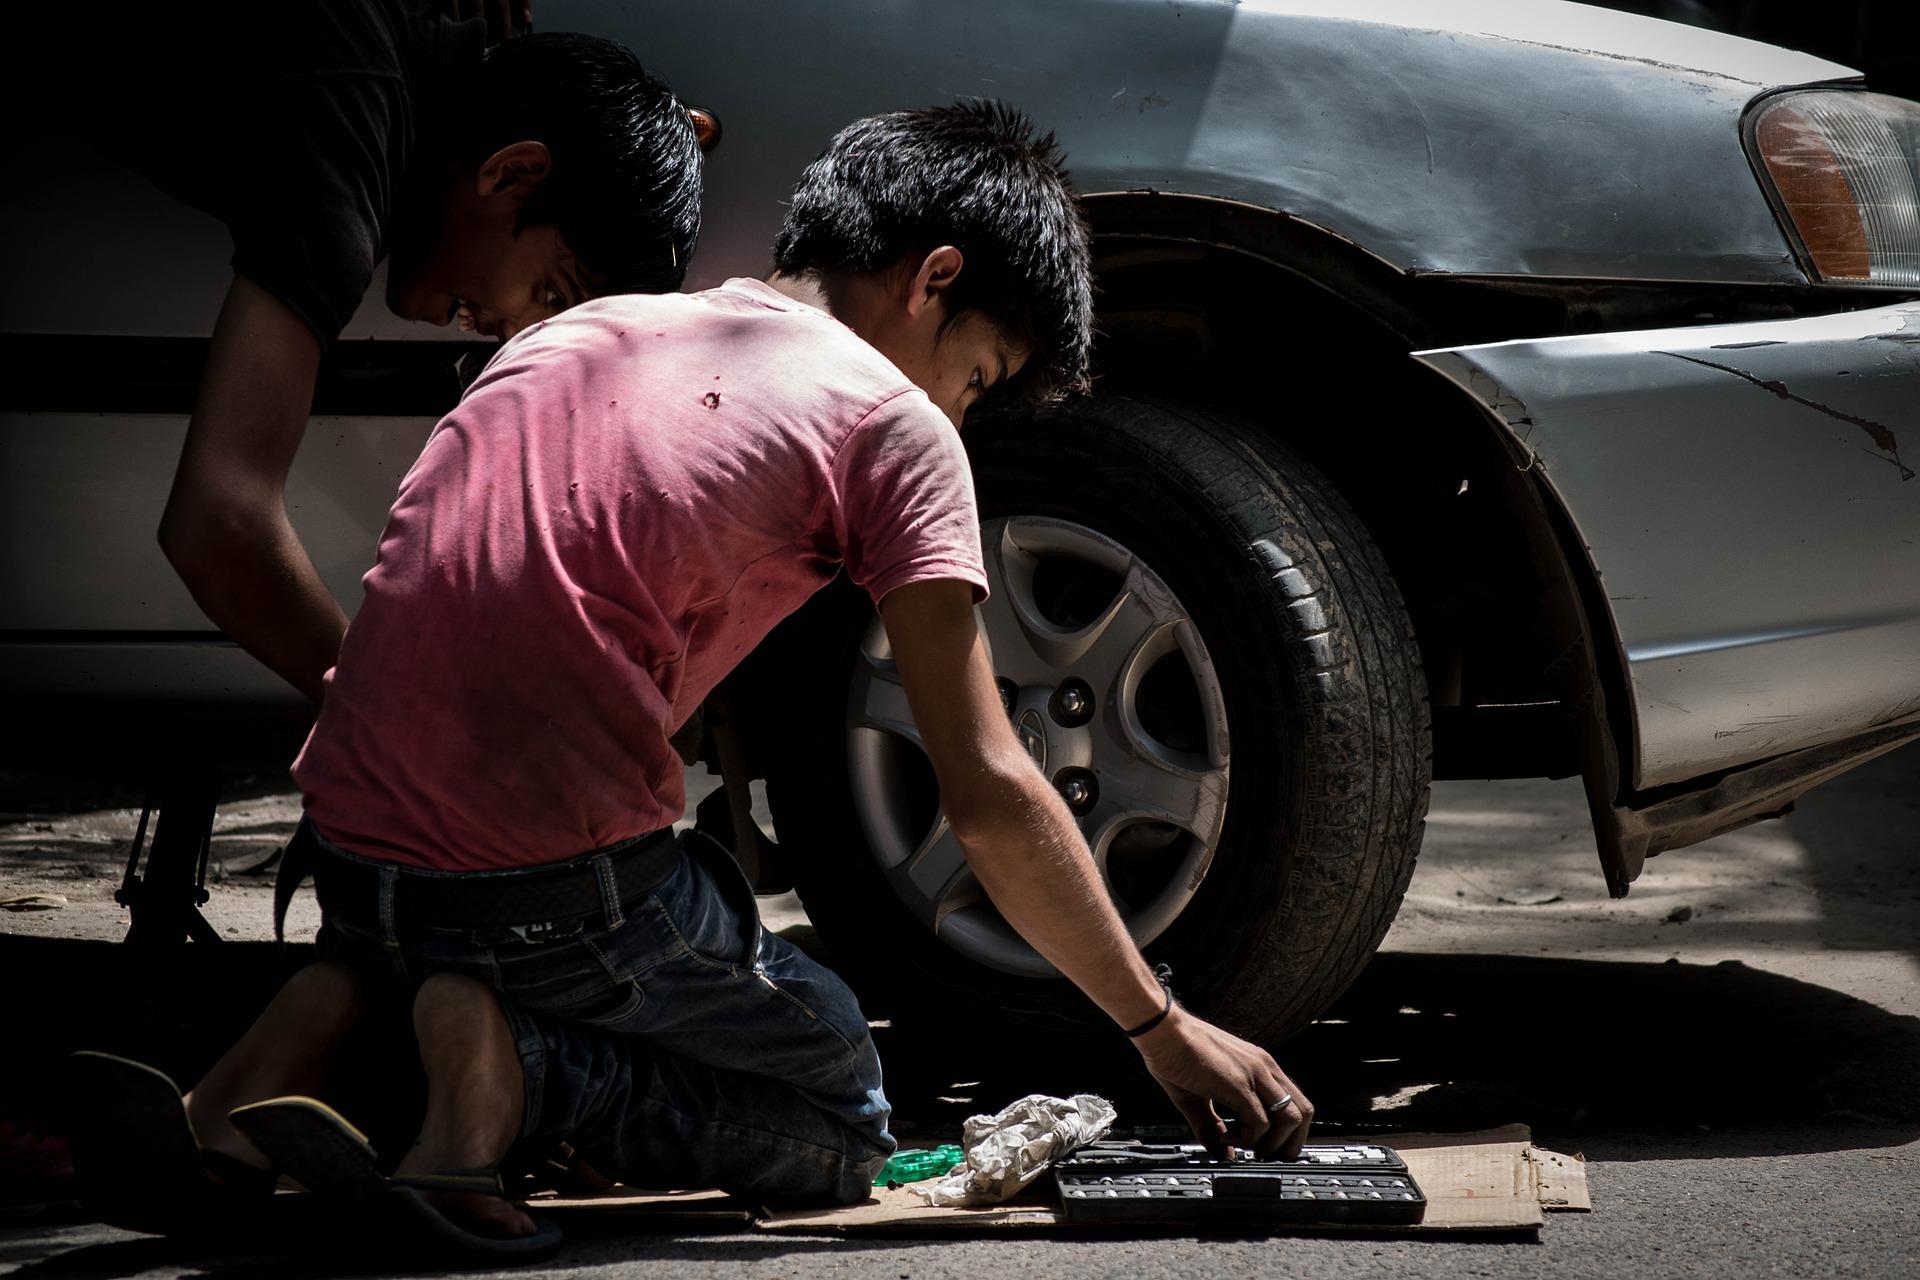 Indicadores han bajado pero no es suficiente. El aberrante trabajo infantil sigue vivo en Colombia | EL FRENTE